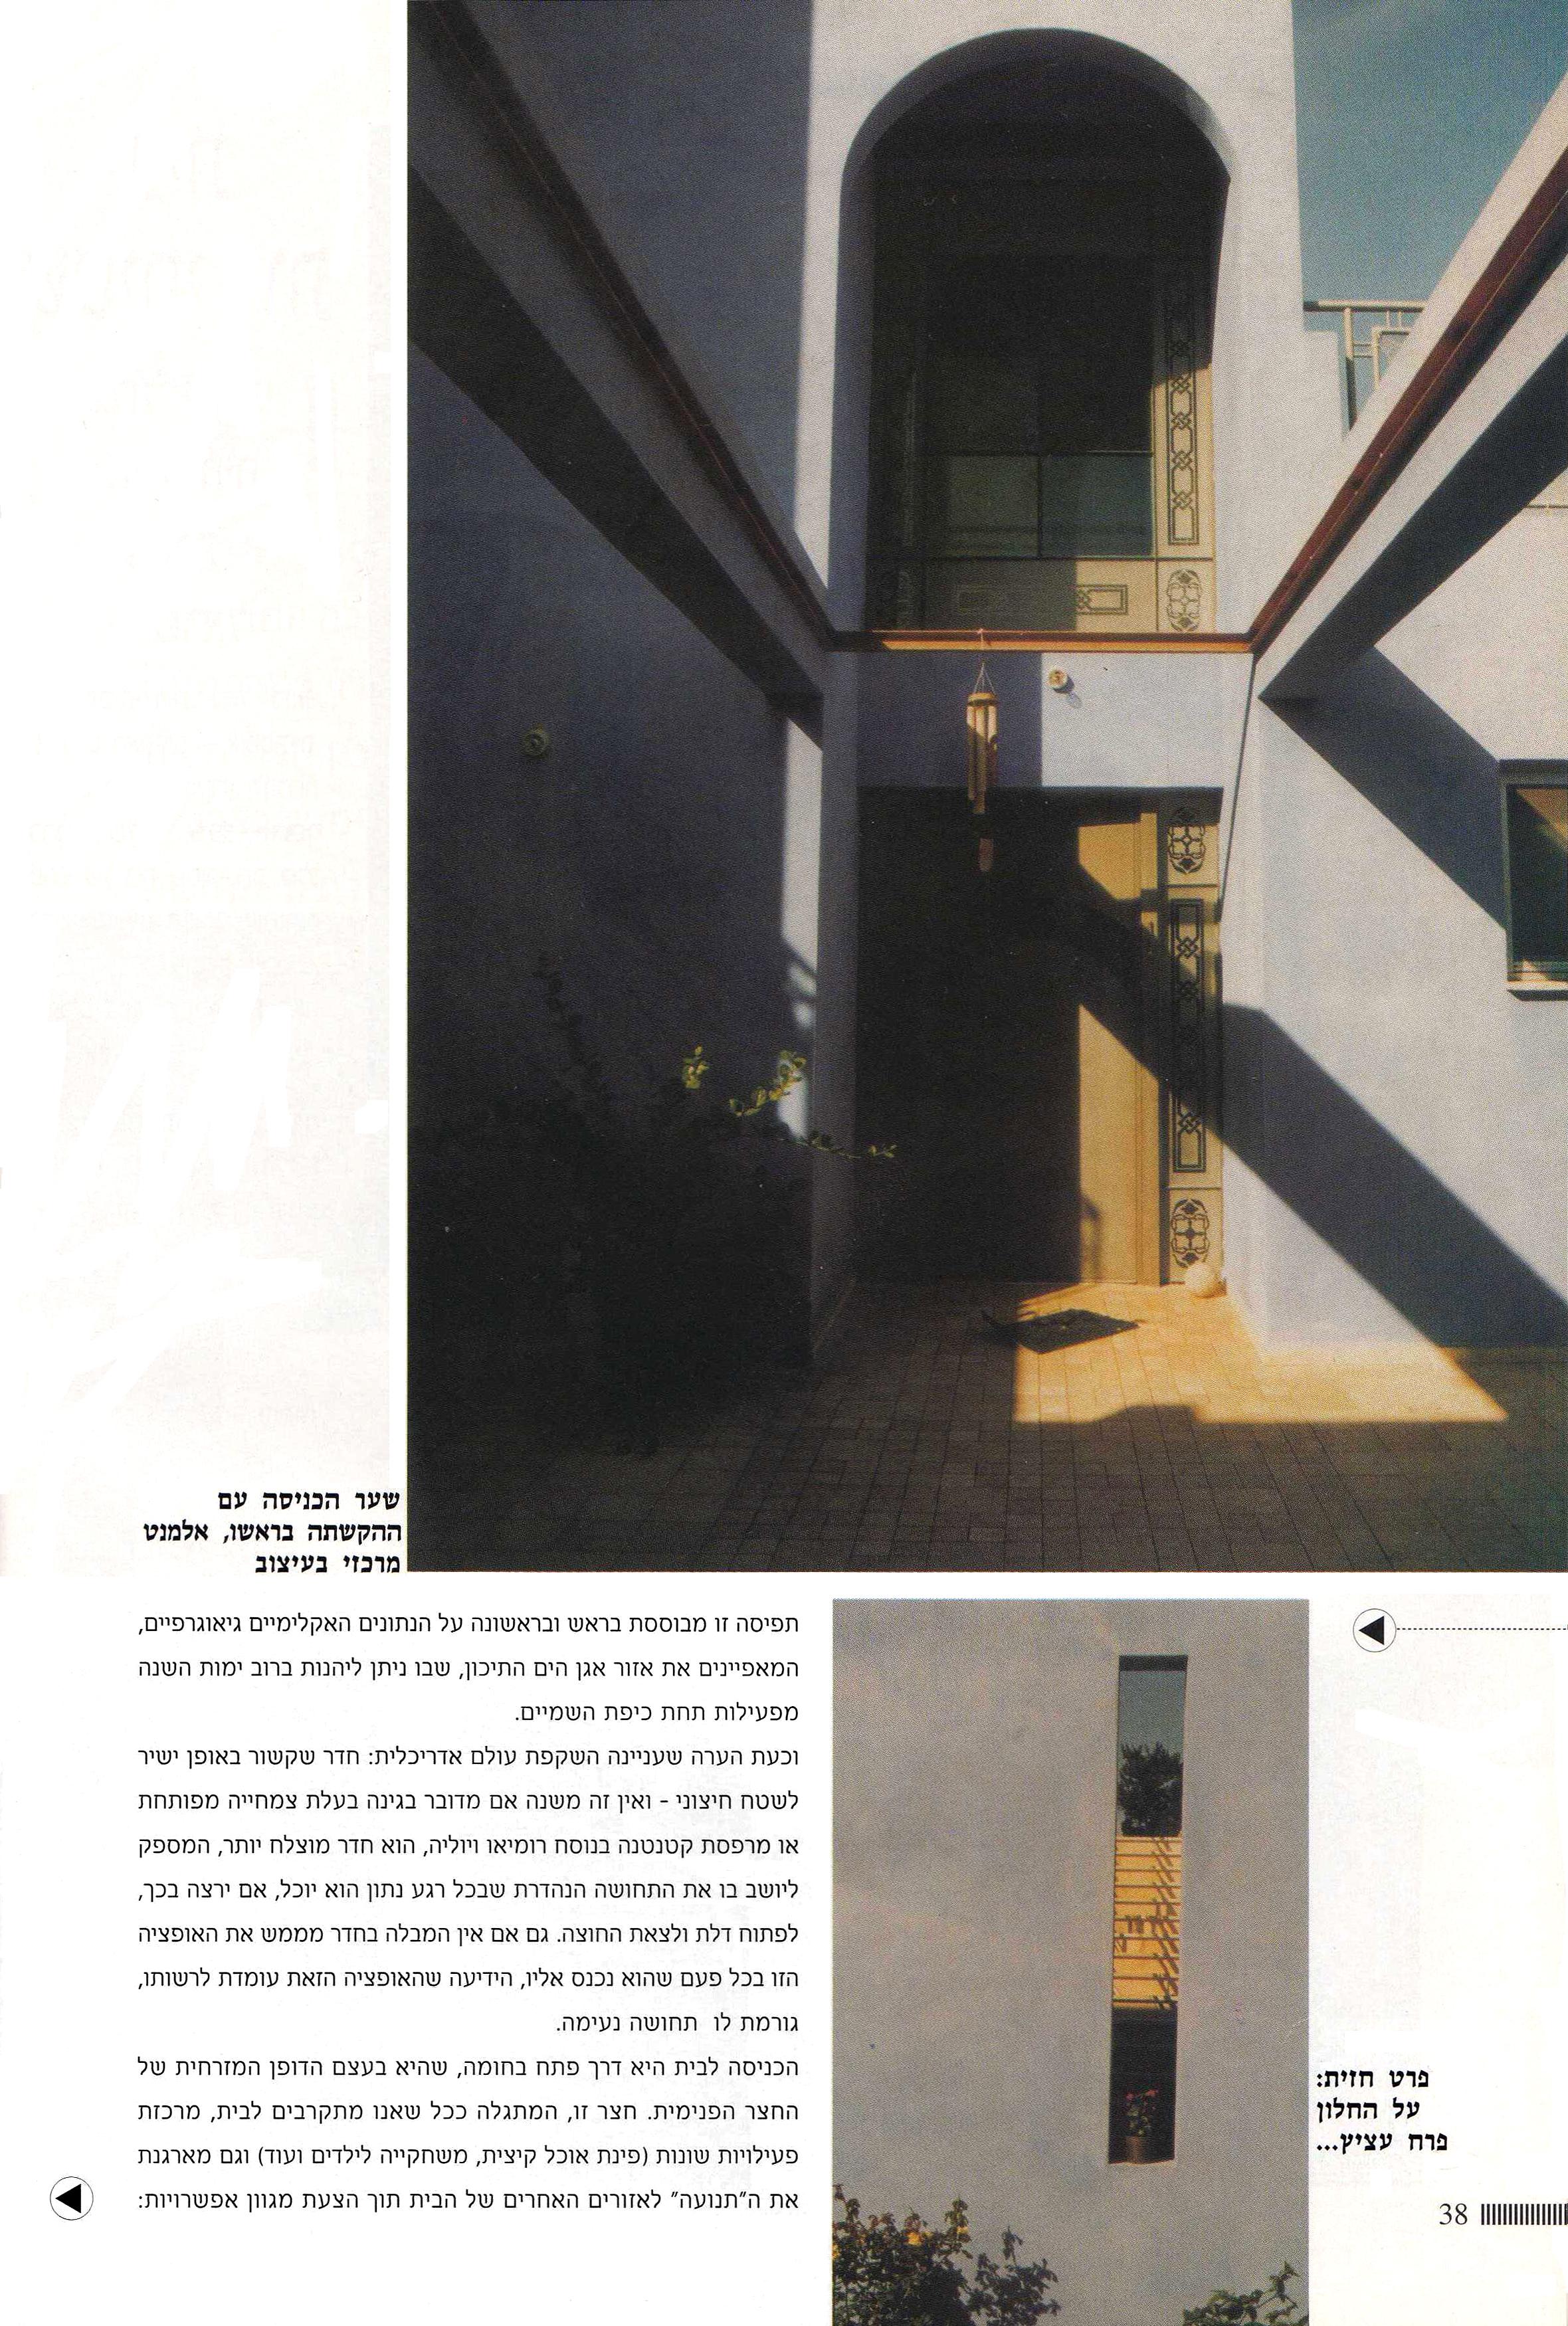 House - Beit Hanania